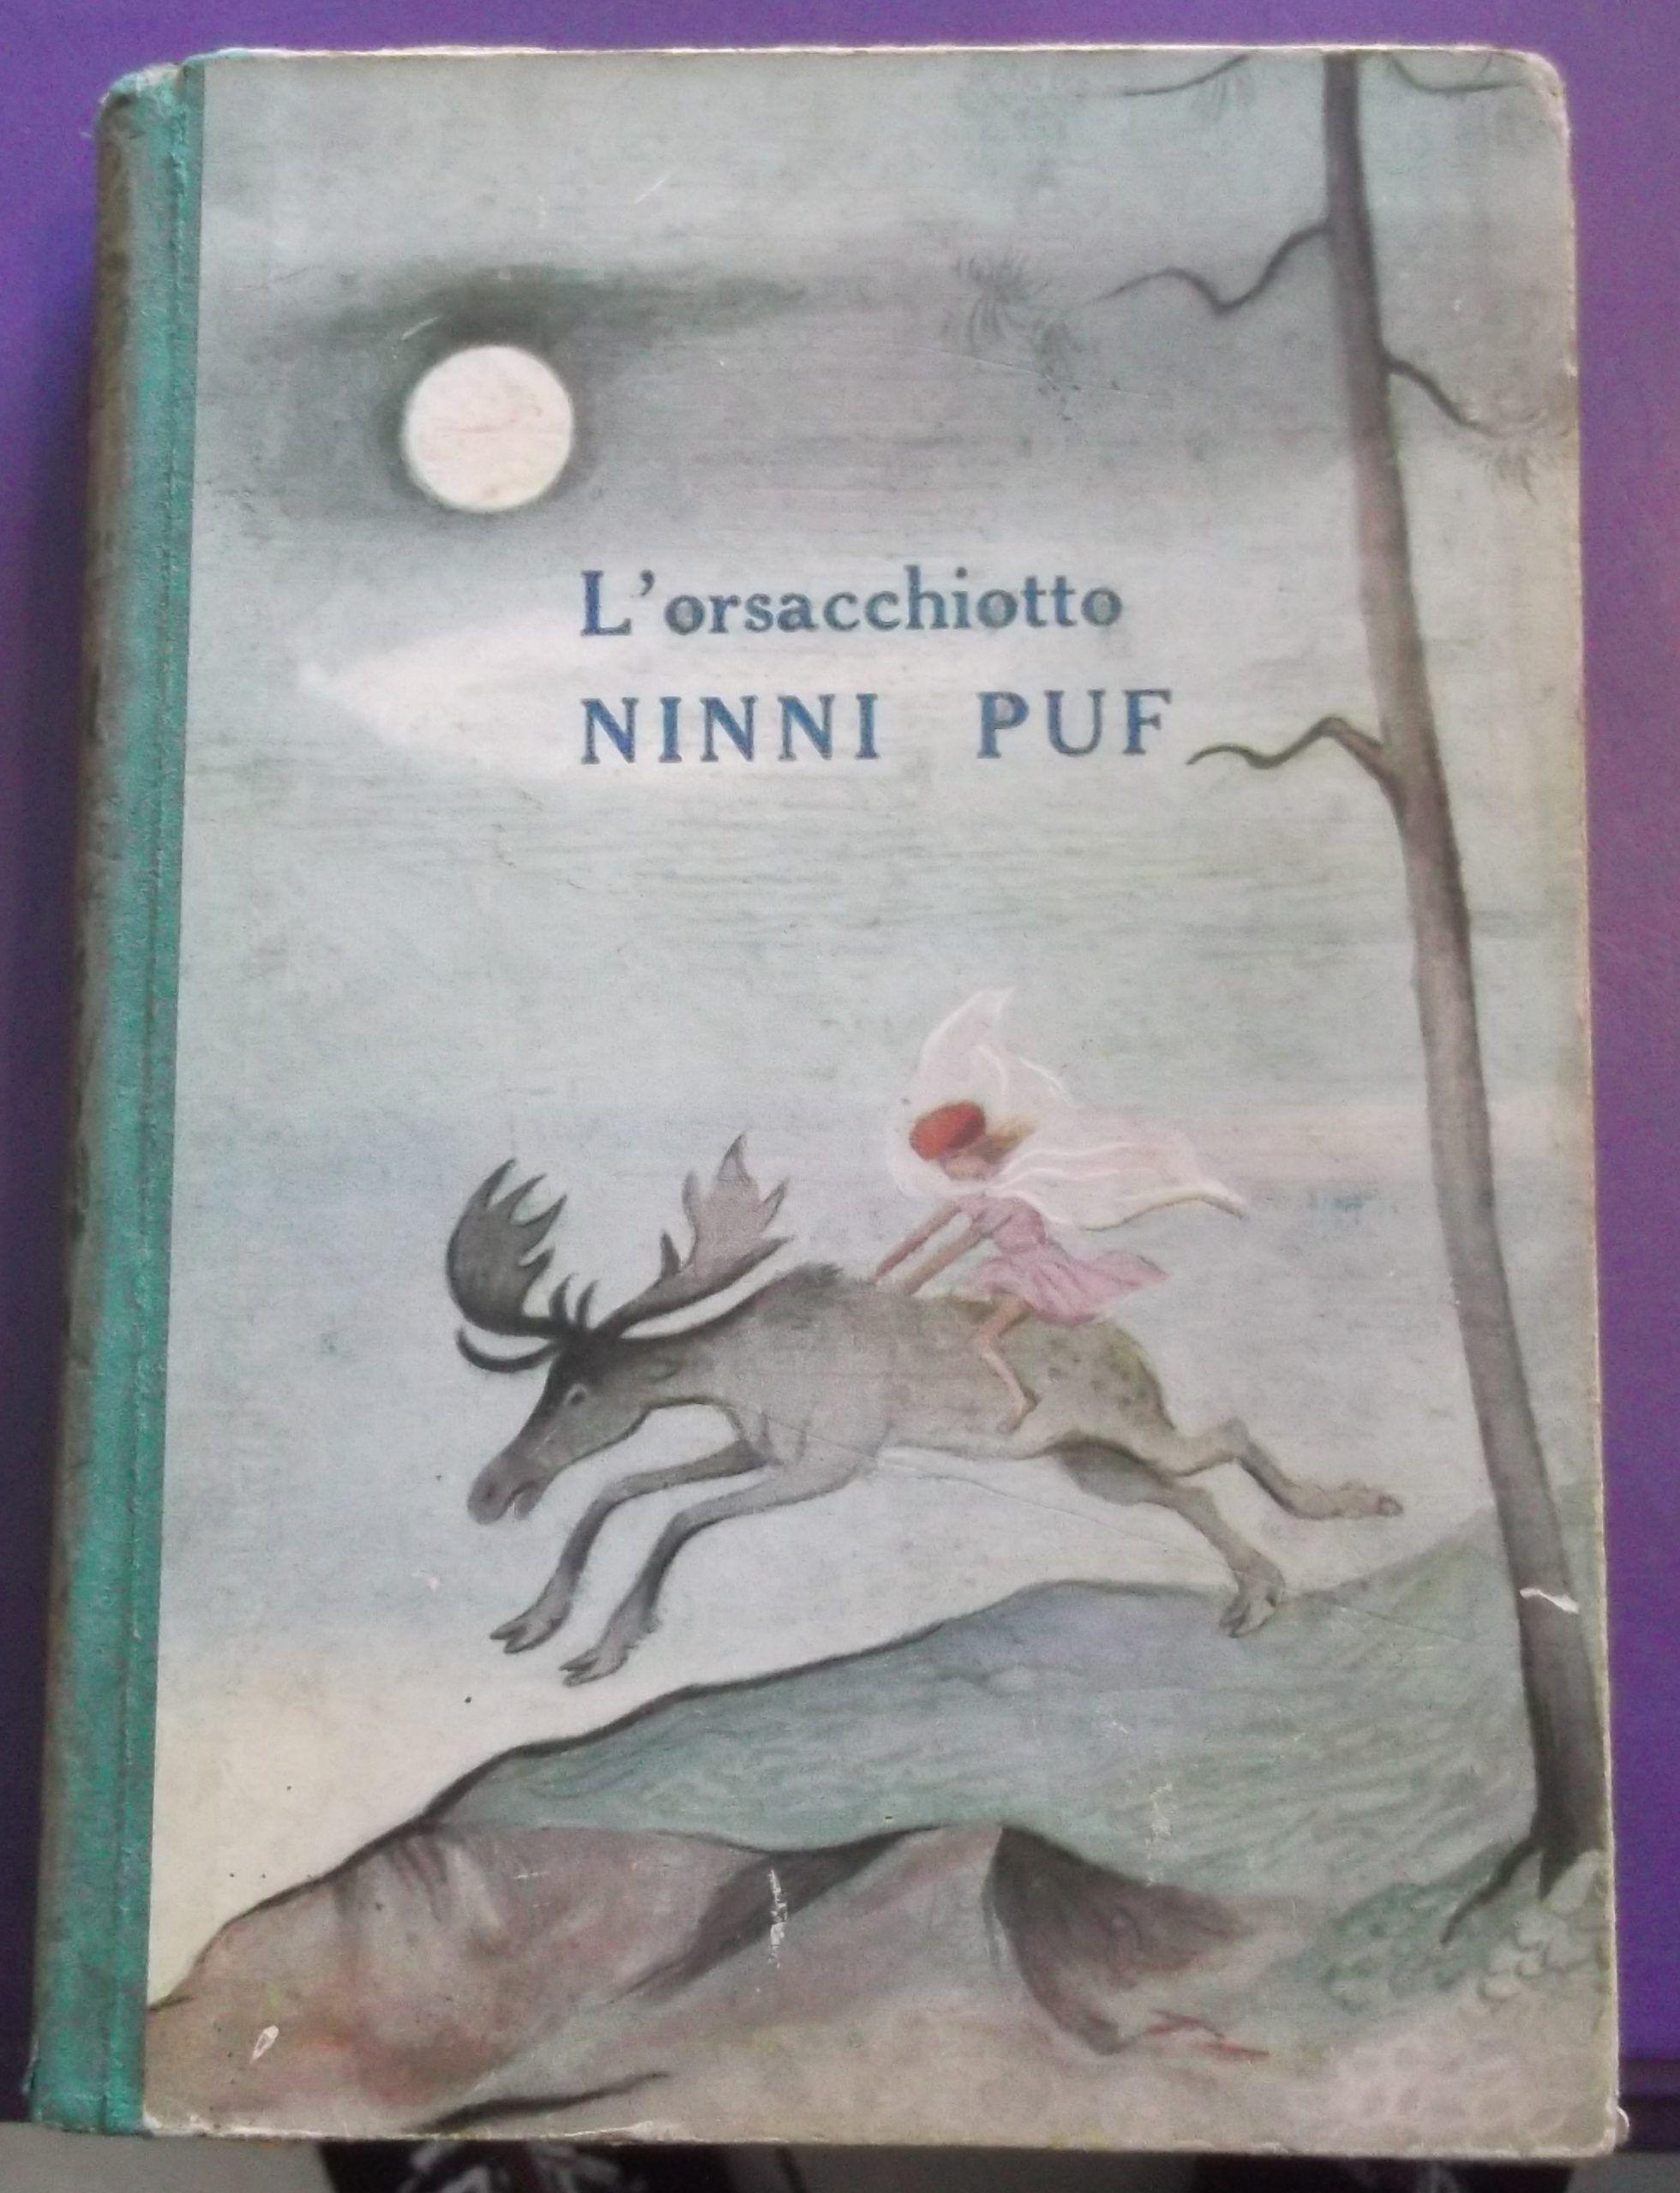 """Una copertina sconosciuta per """"L'orsacchiotto Ninni Puf"""" di A. A. Milne"""